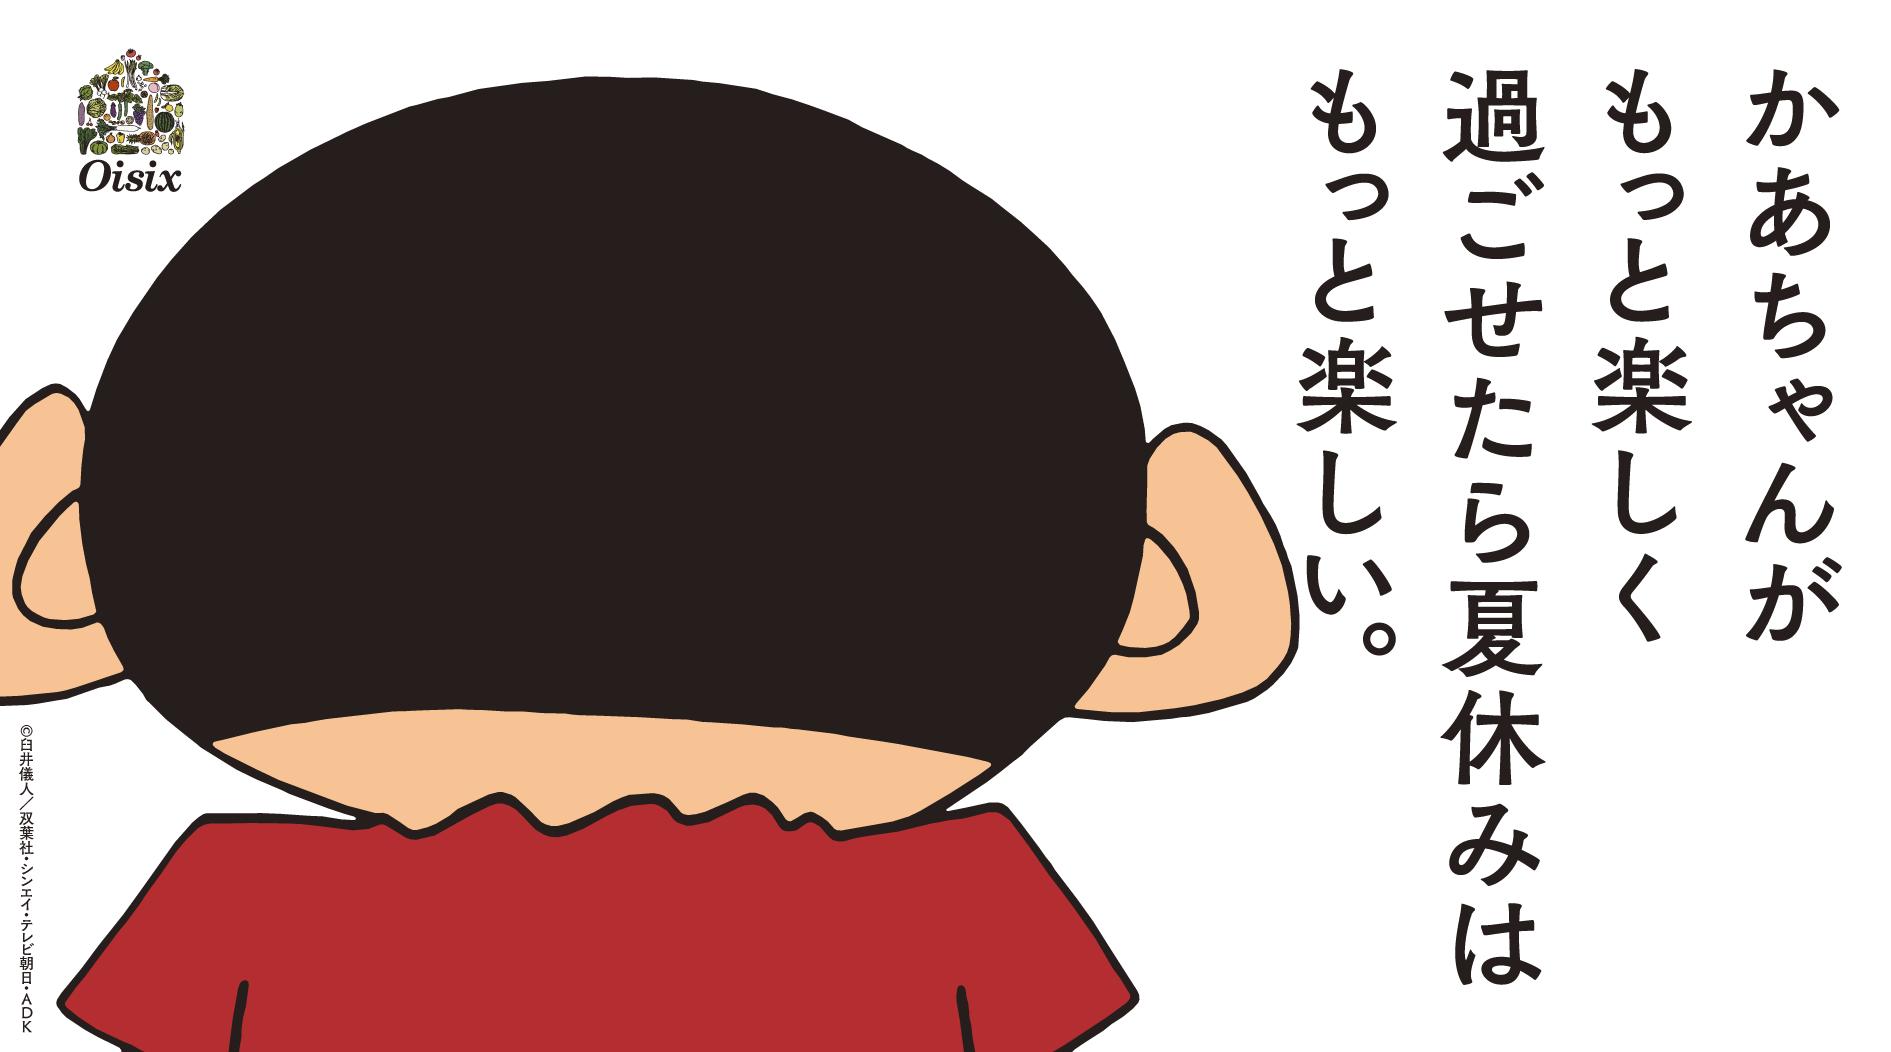 『クレヨンしんちゃん』夏休み終わりの「泣ける」春日部駅ポスターに感想続出の画像002